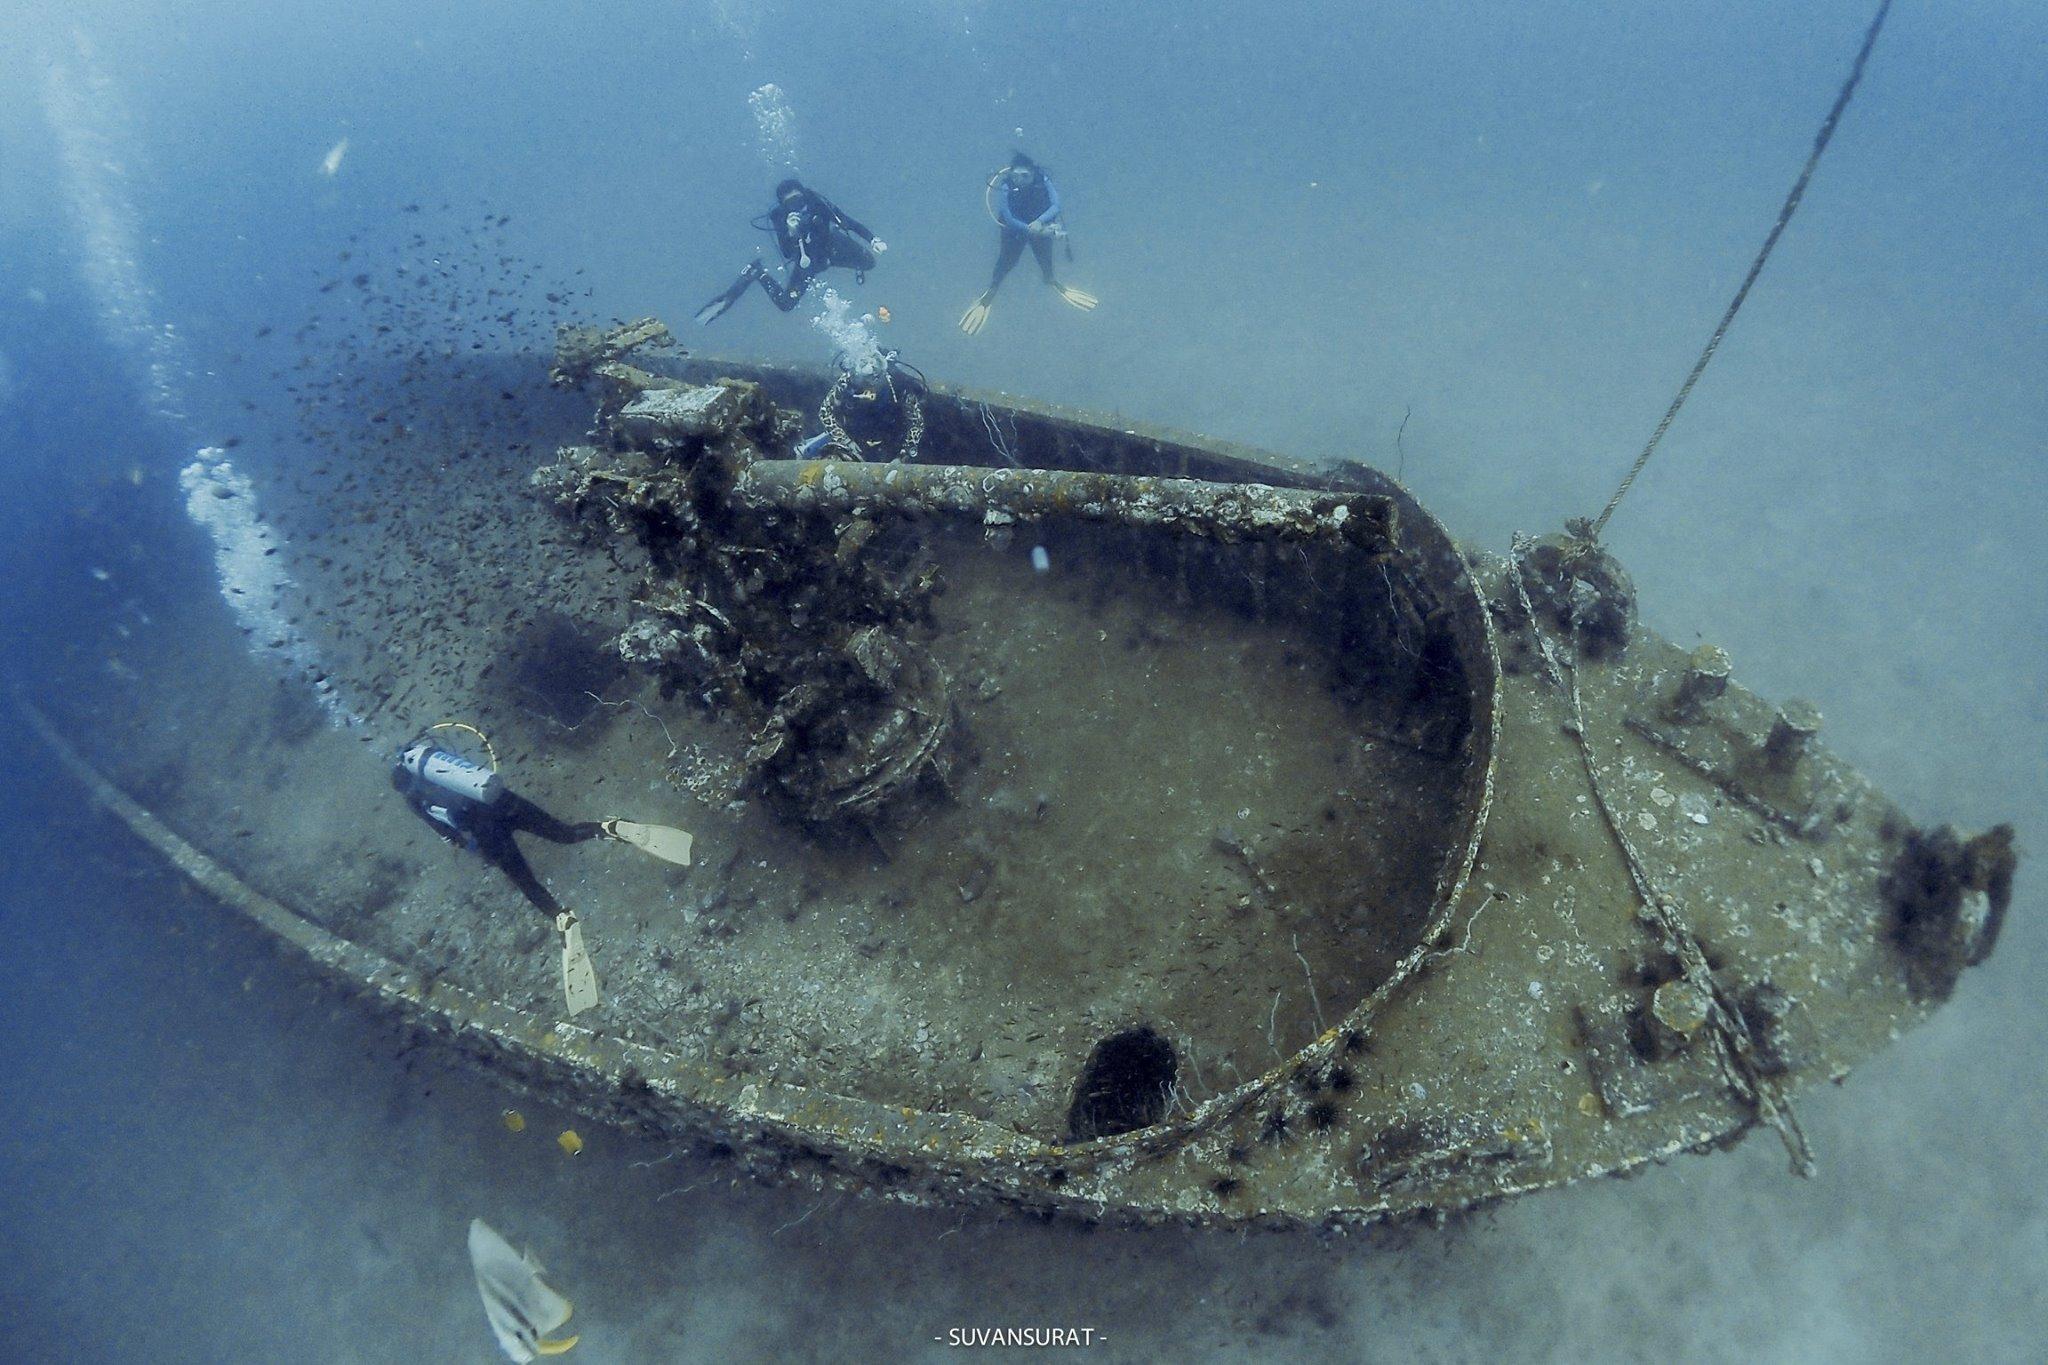 เรีอปราบที่กาบเรือ 16 เมตร พื้นทราย 22 เมตร